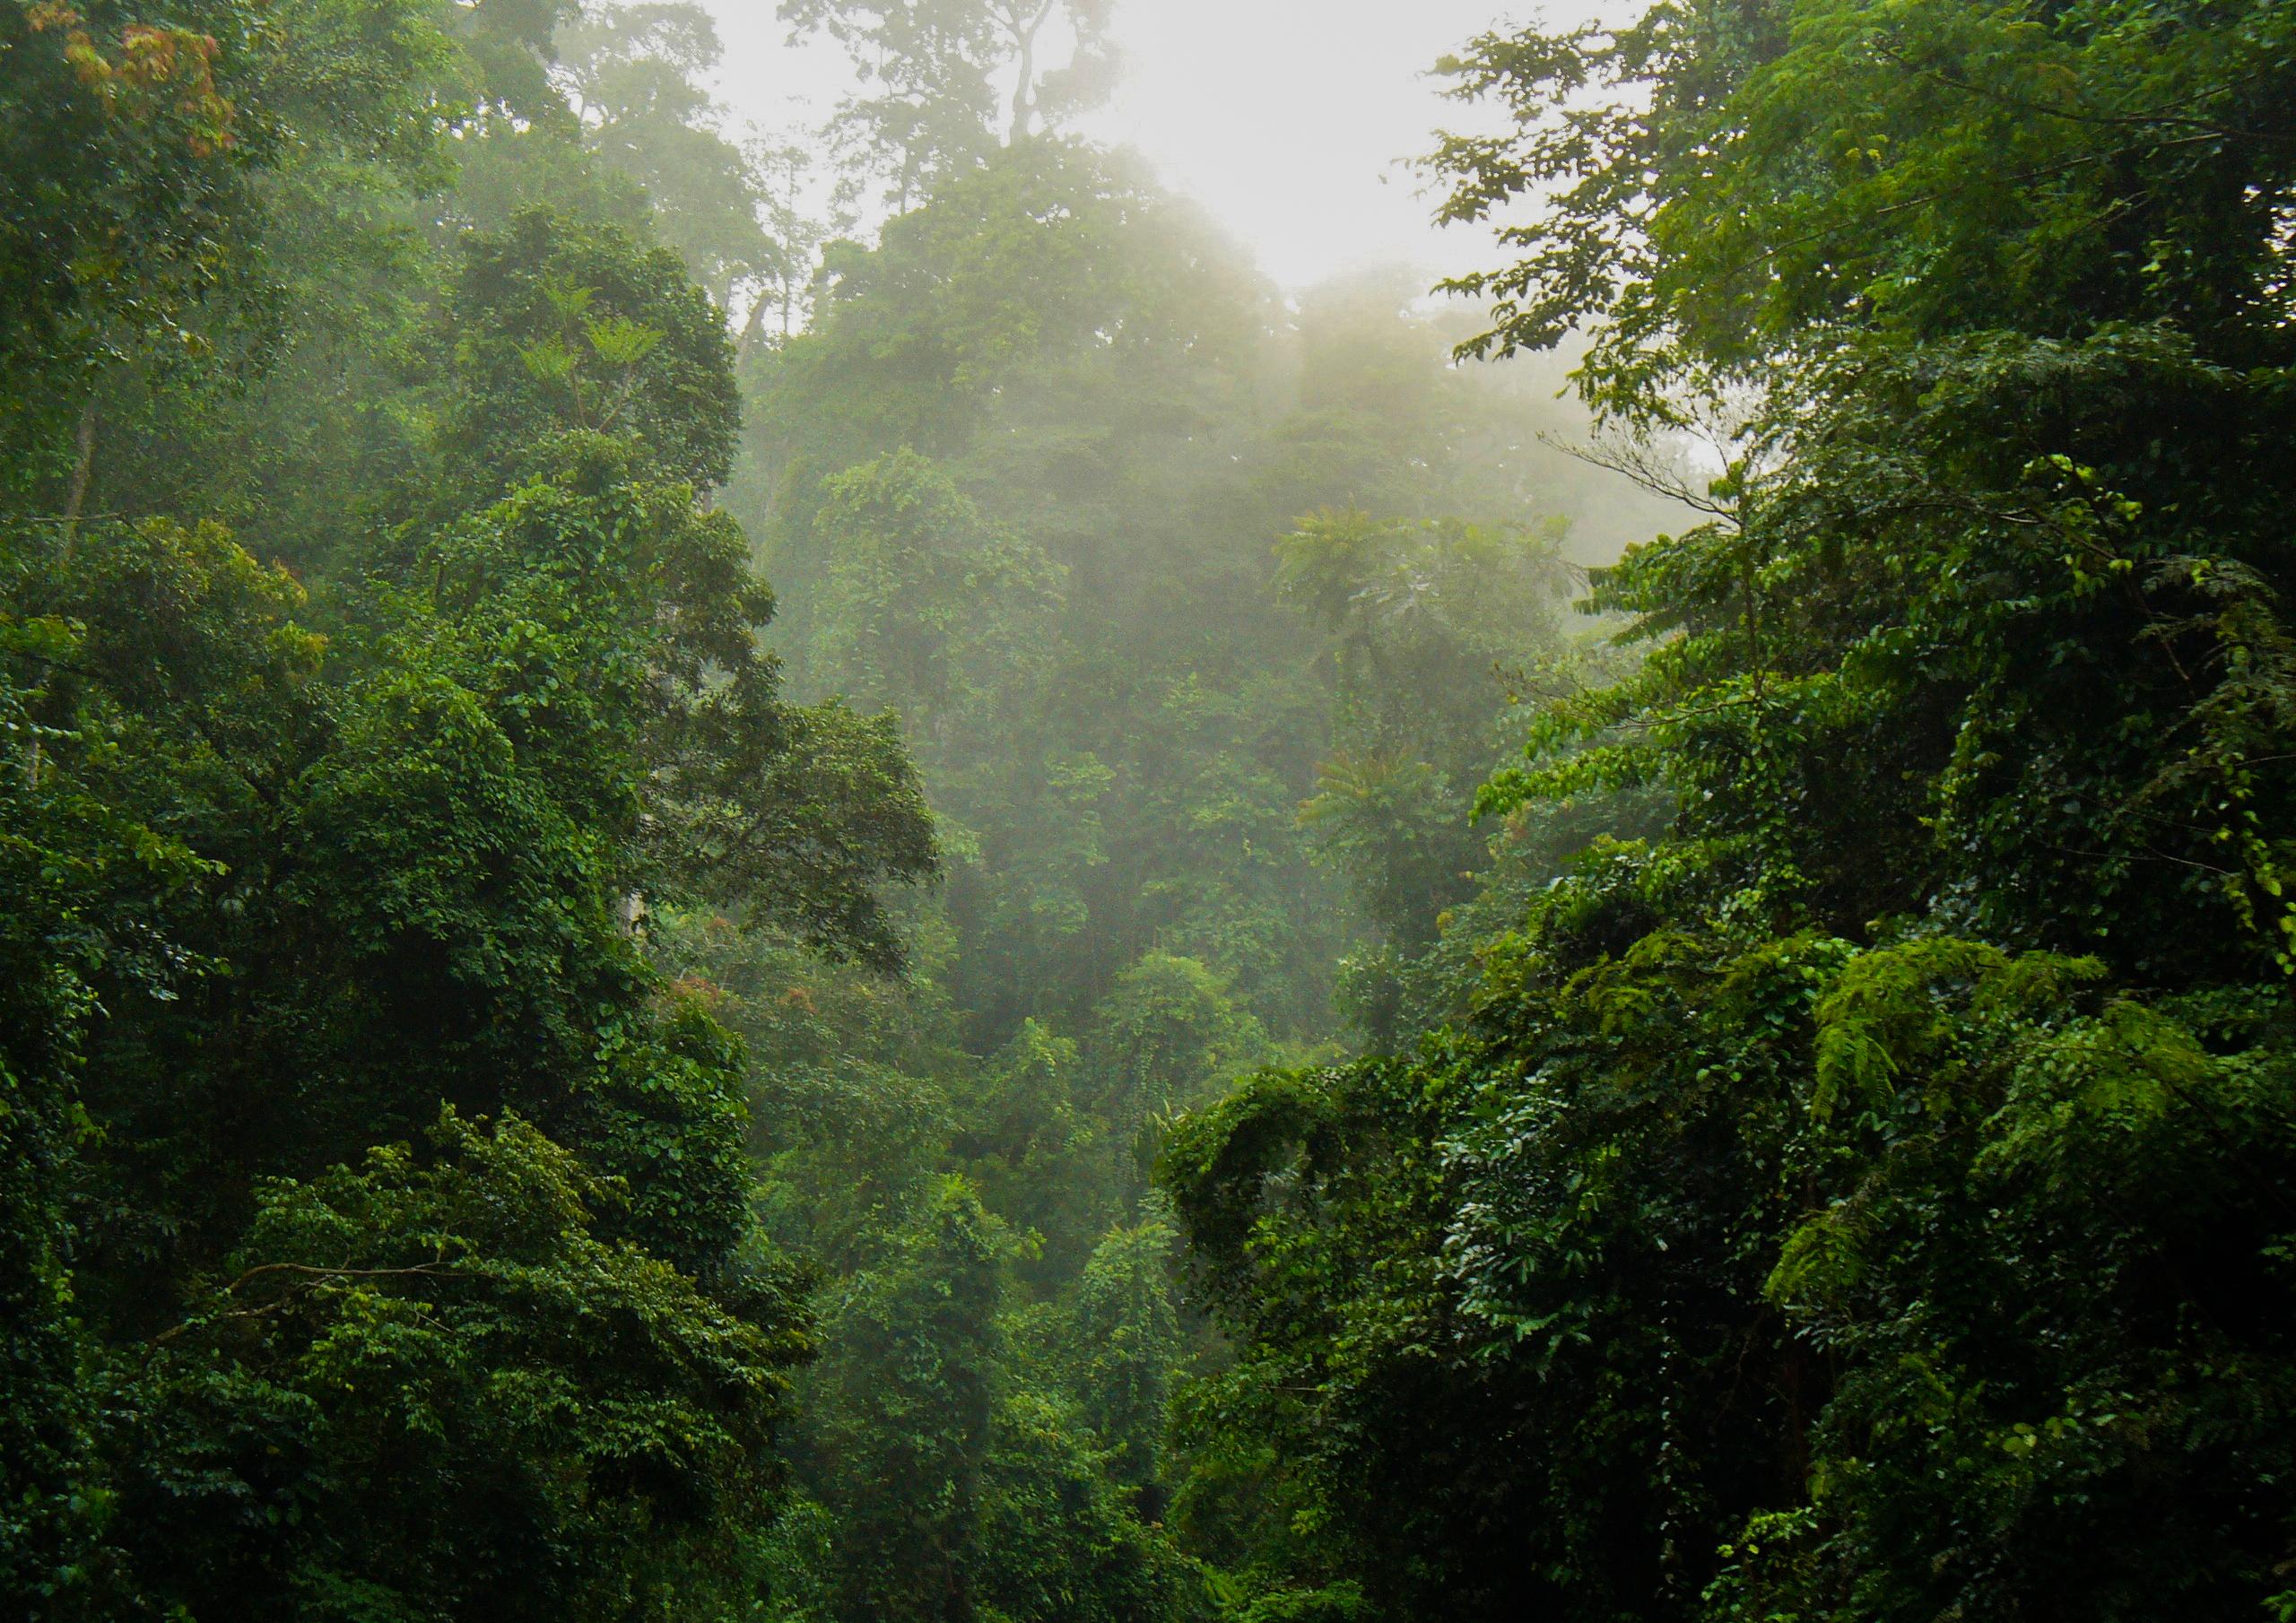 The rain forest in Ghana's Kakum National Park. Nicole Arcilla